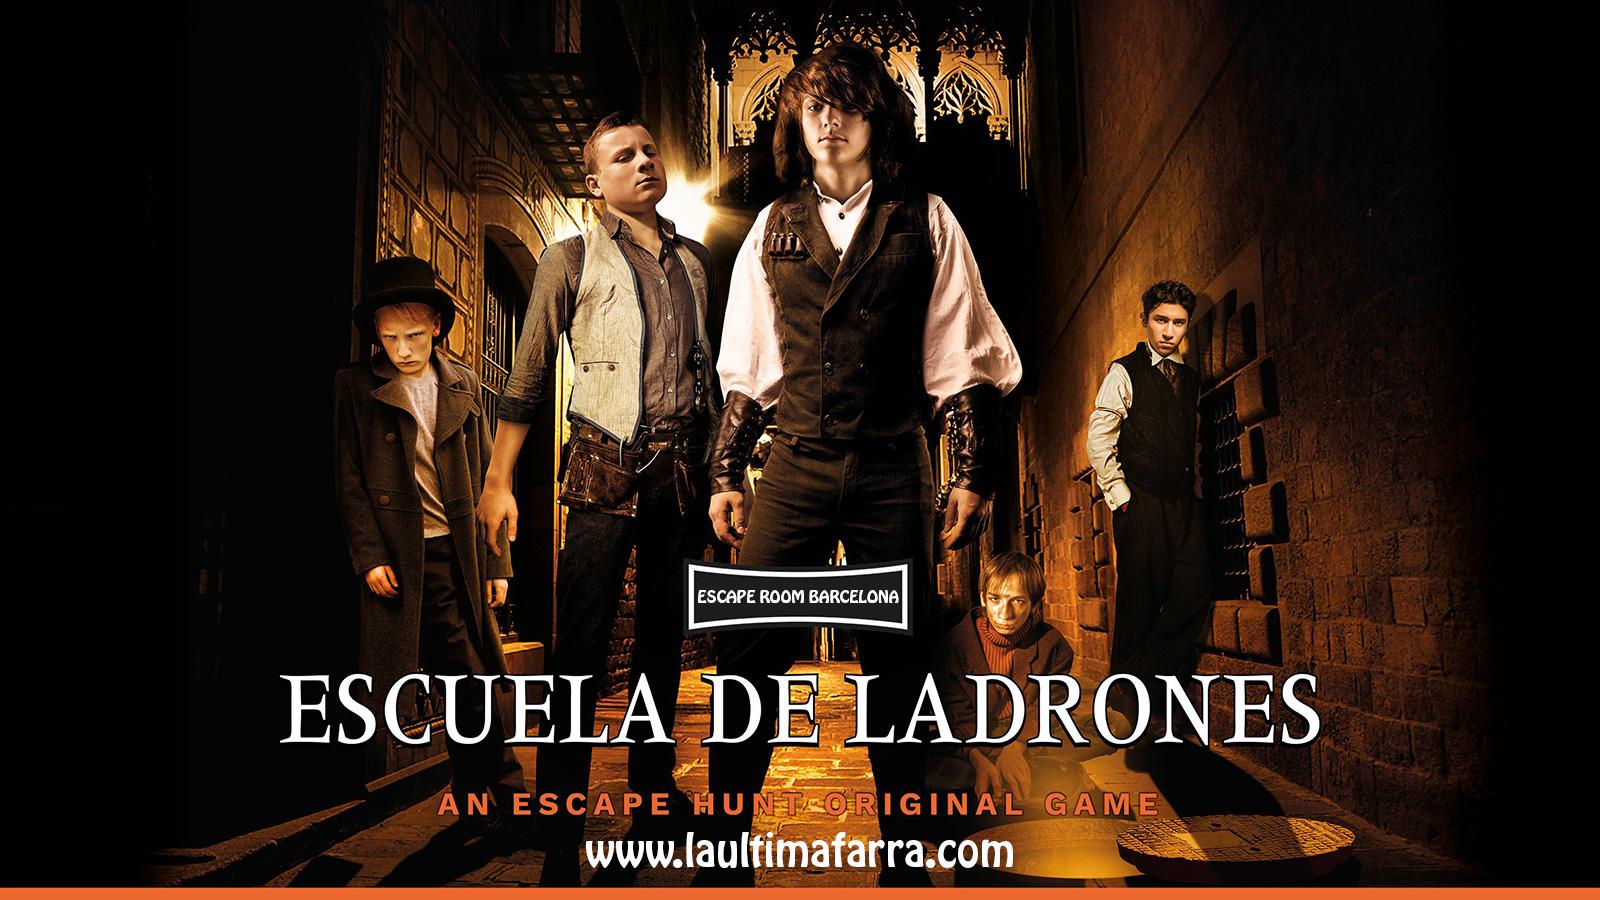 Escape Room Barcelona - Escuela de Ladrones